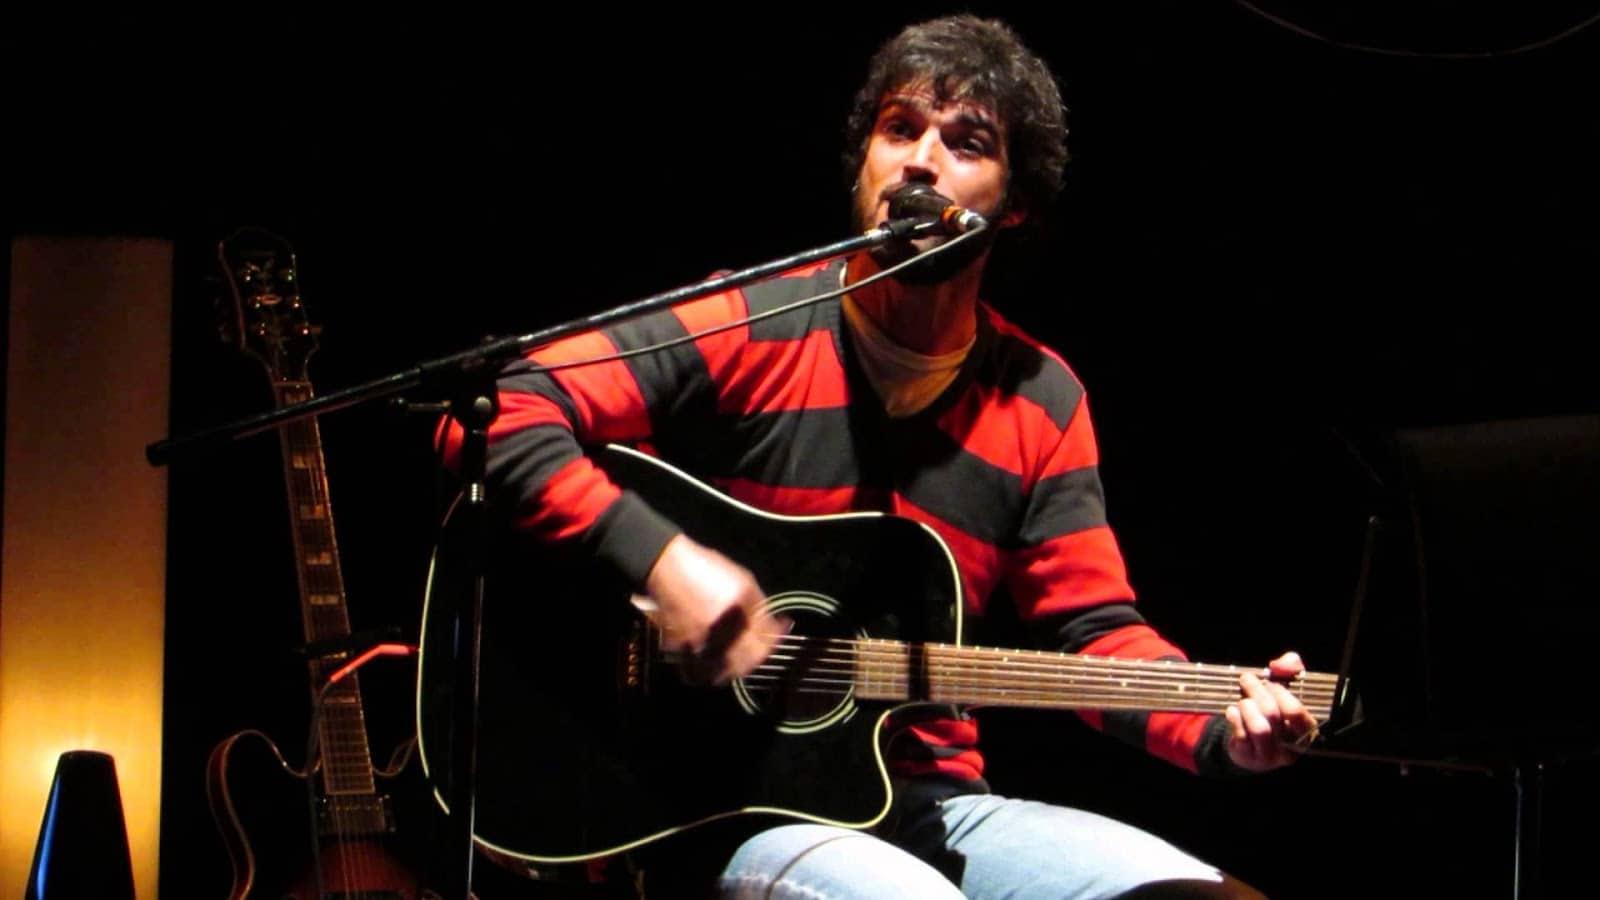 Fuego Oeste inaugura un ciclo de charlas con la presencia de Ale Kurz, cantante de El Bordo